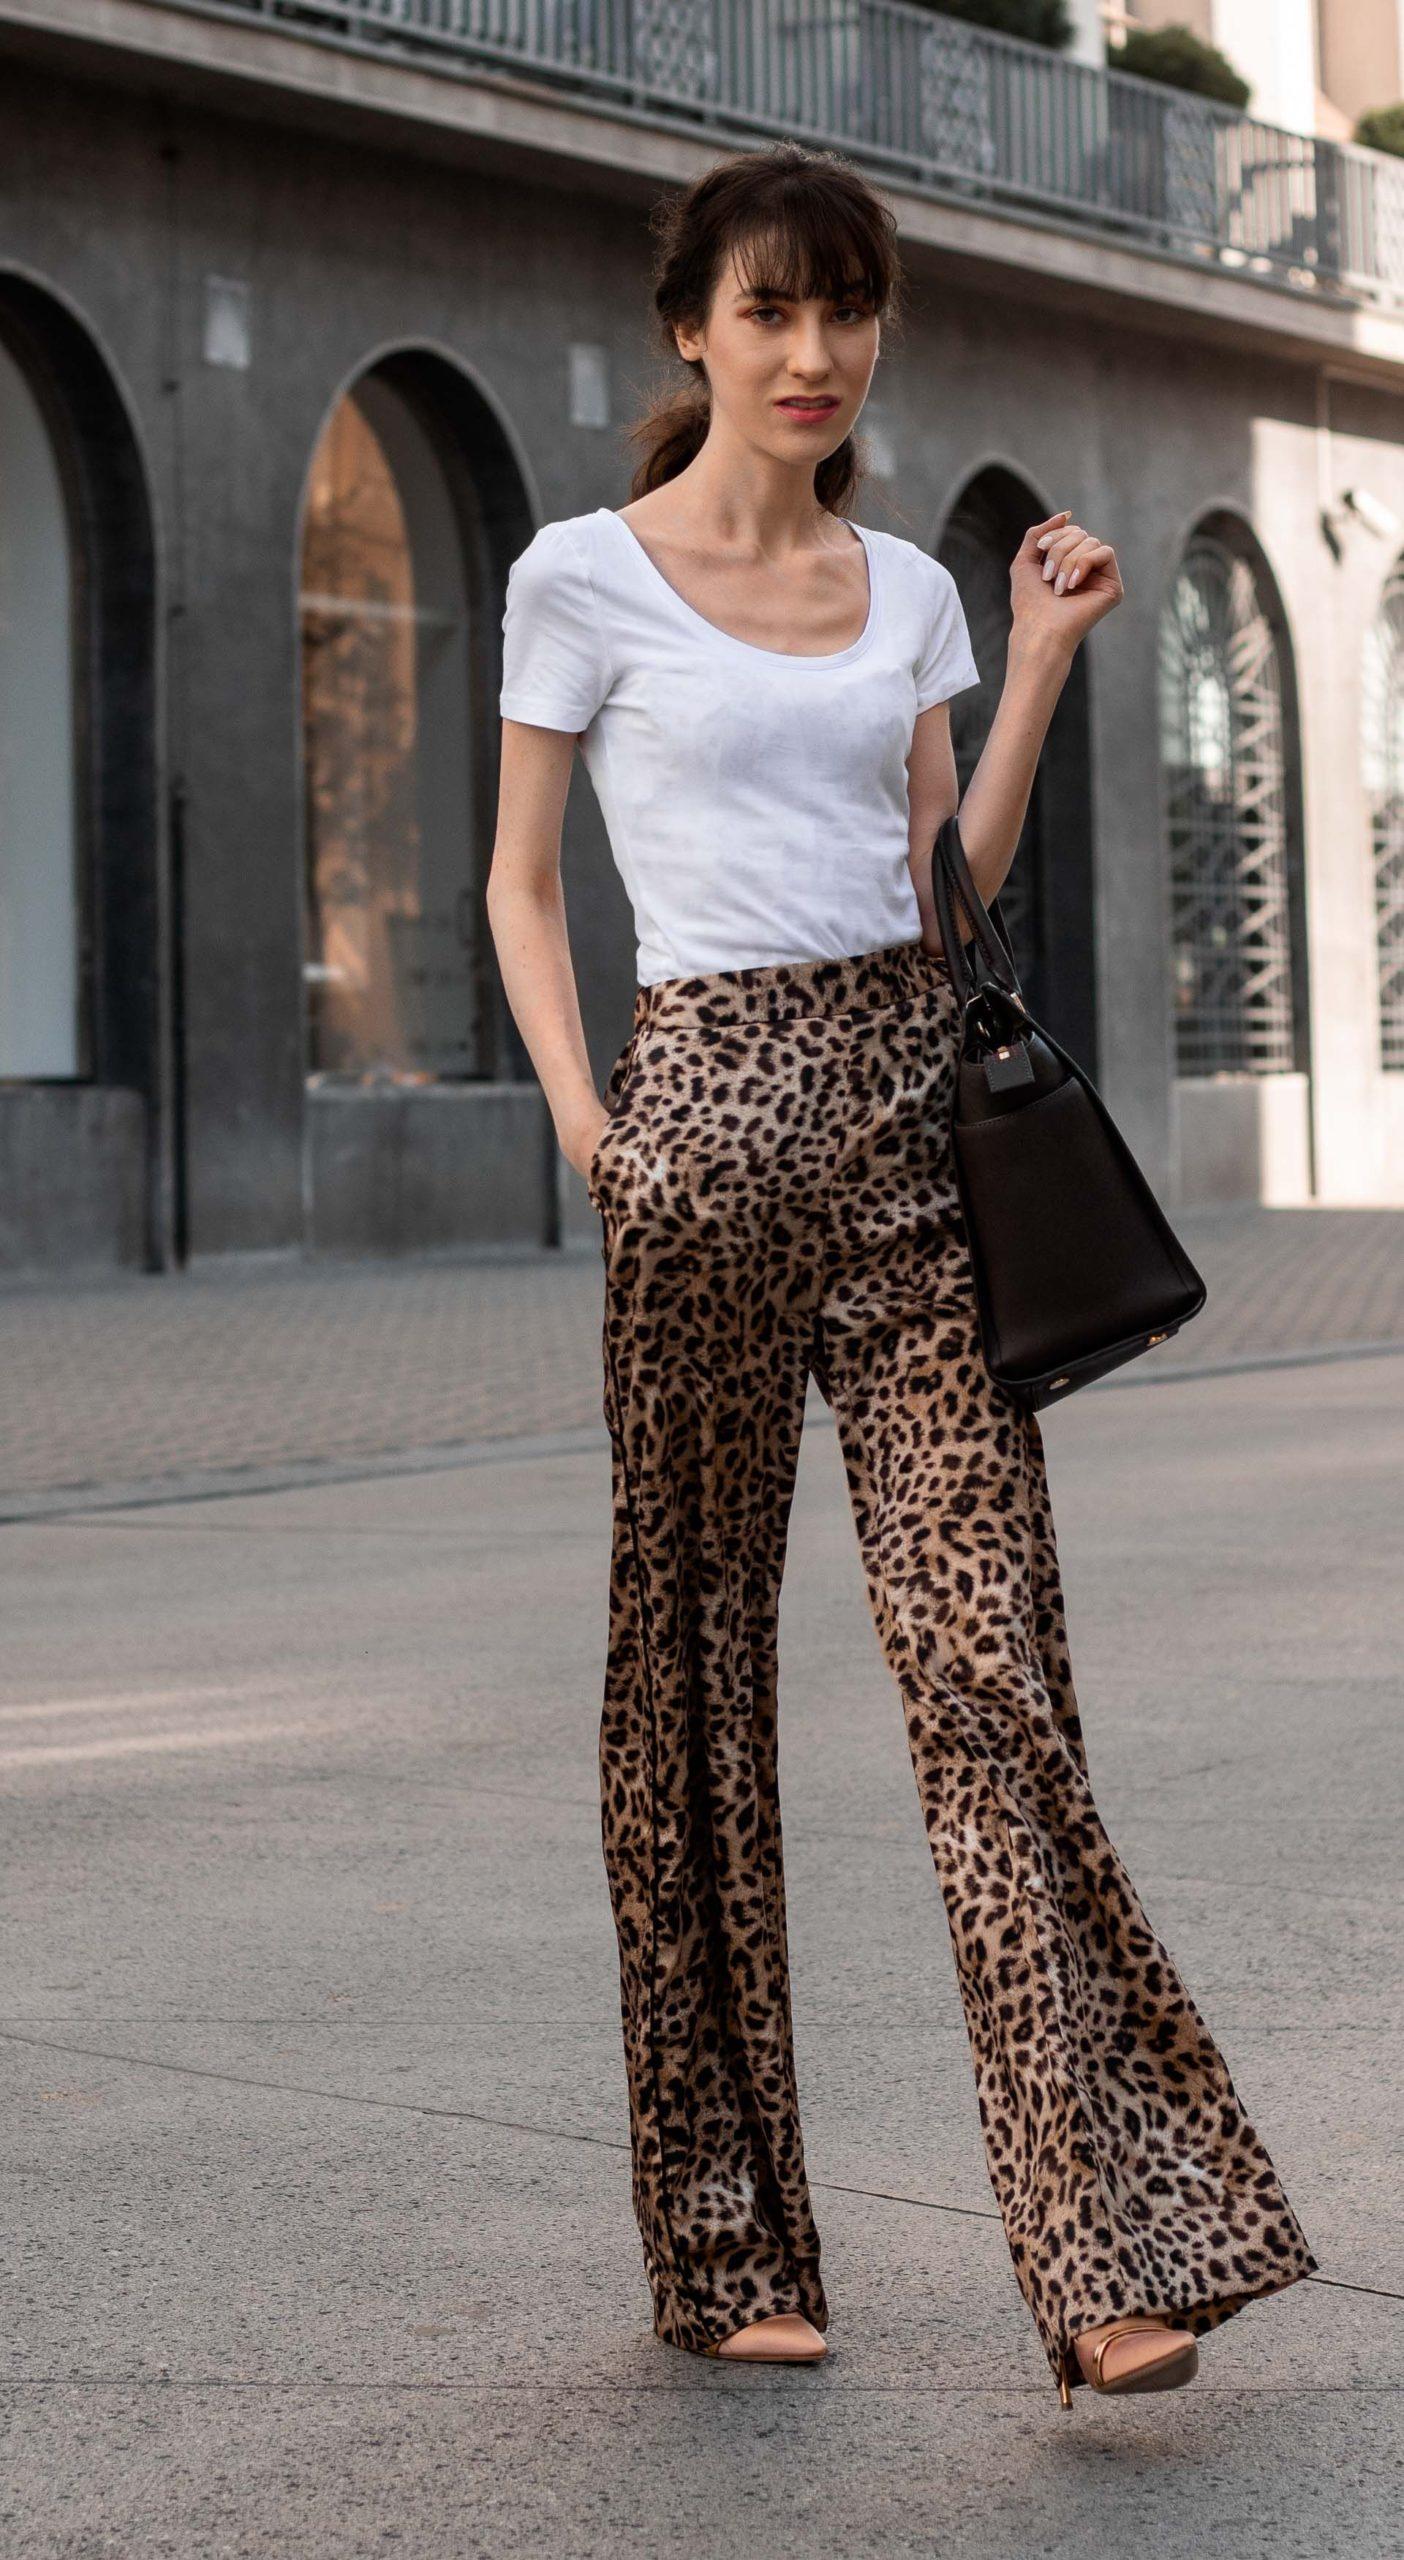 print pants for work